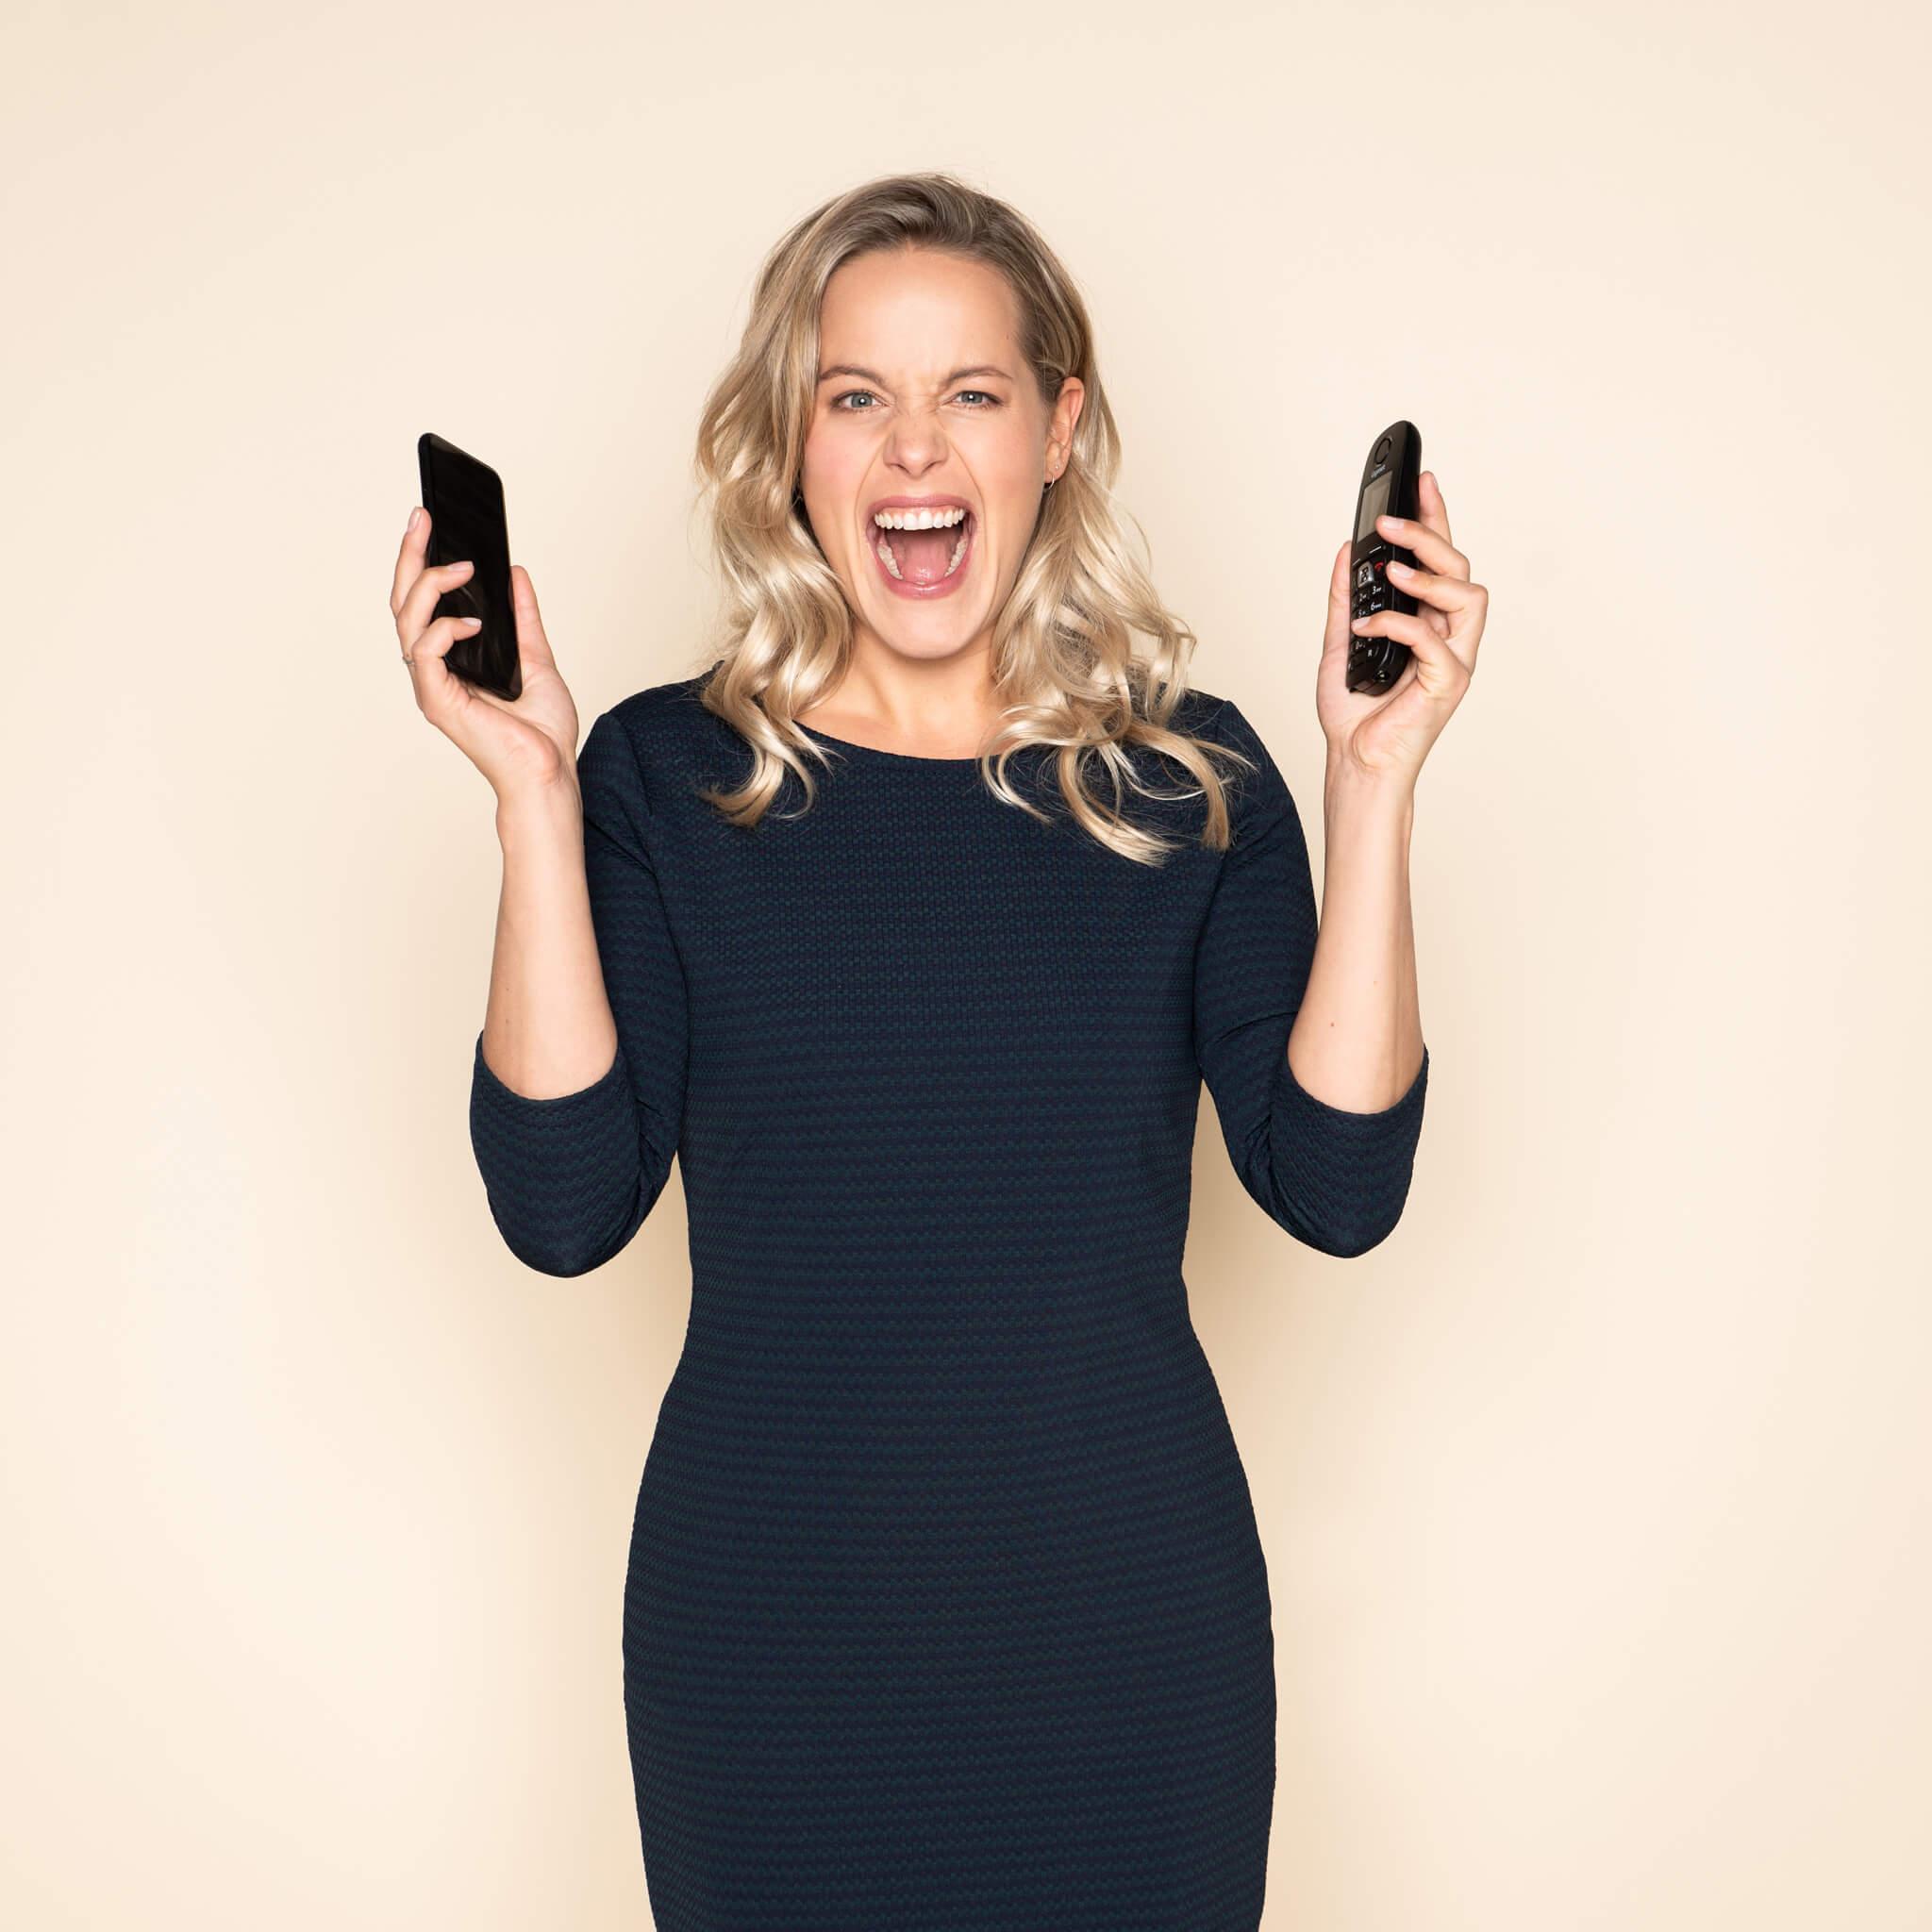 Mobiele telefoon doorschakelen verleden tijd